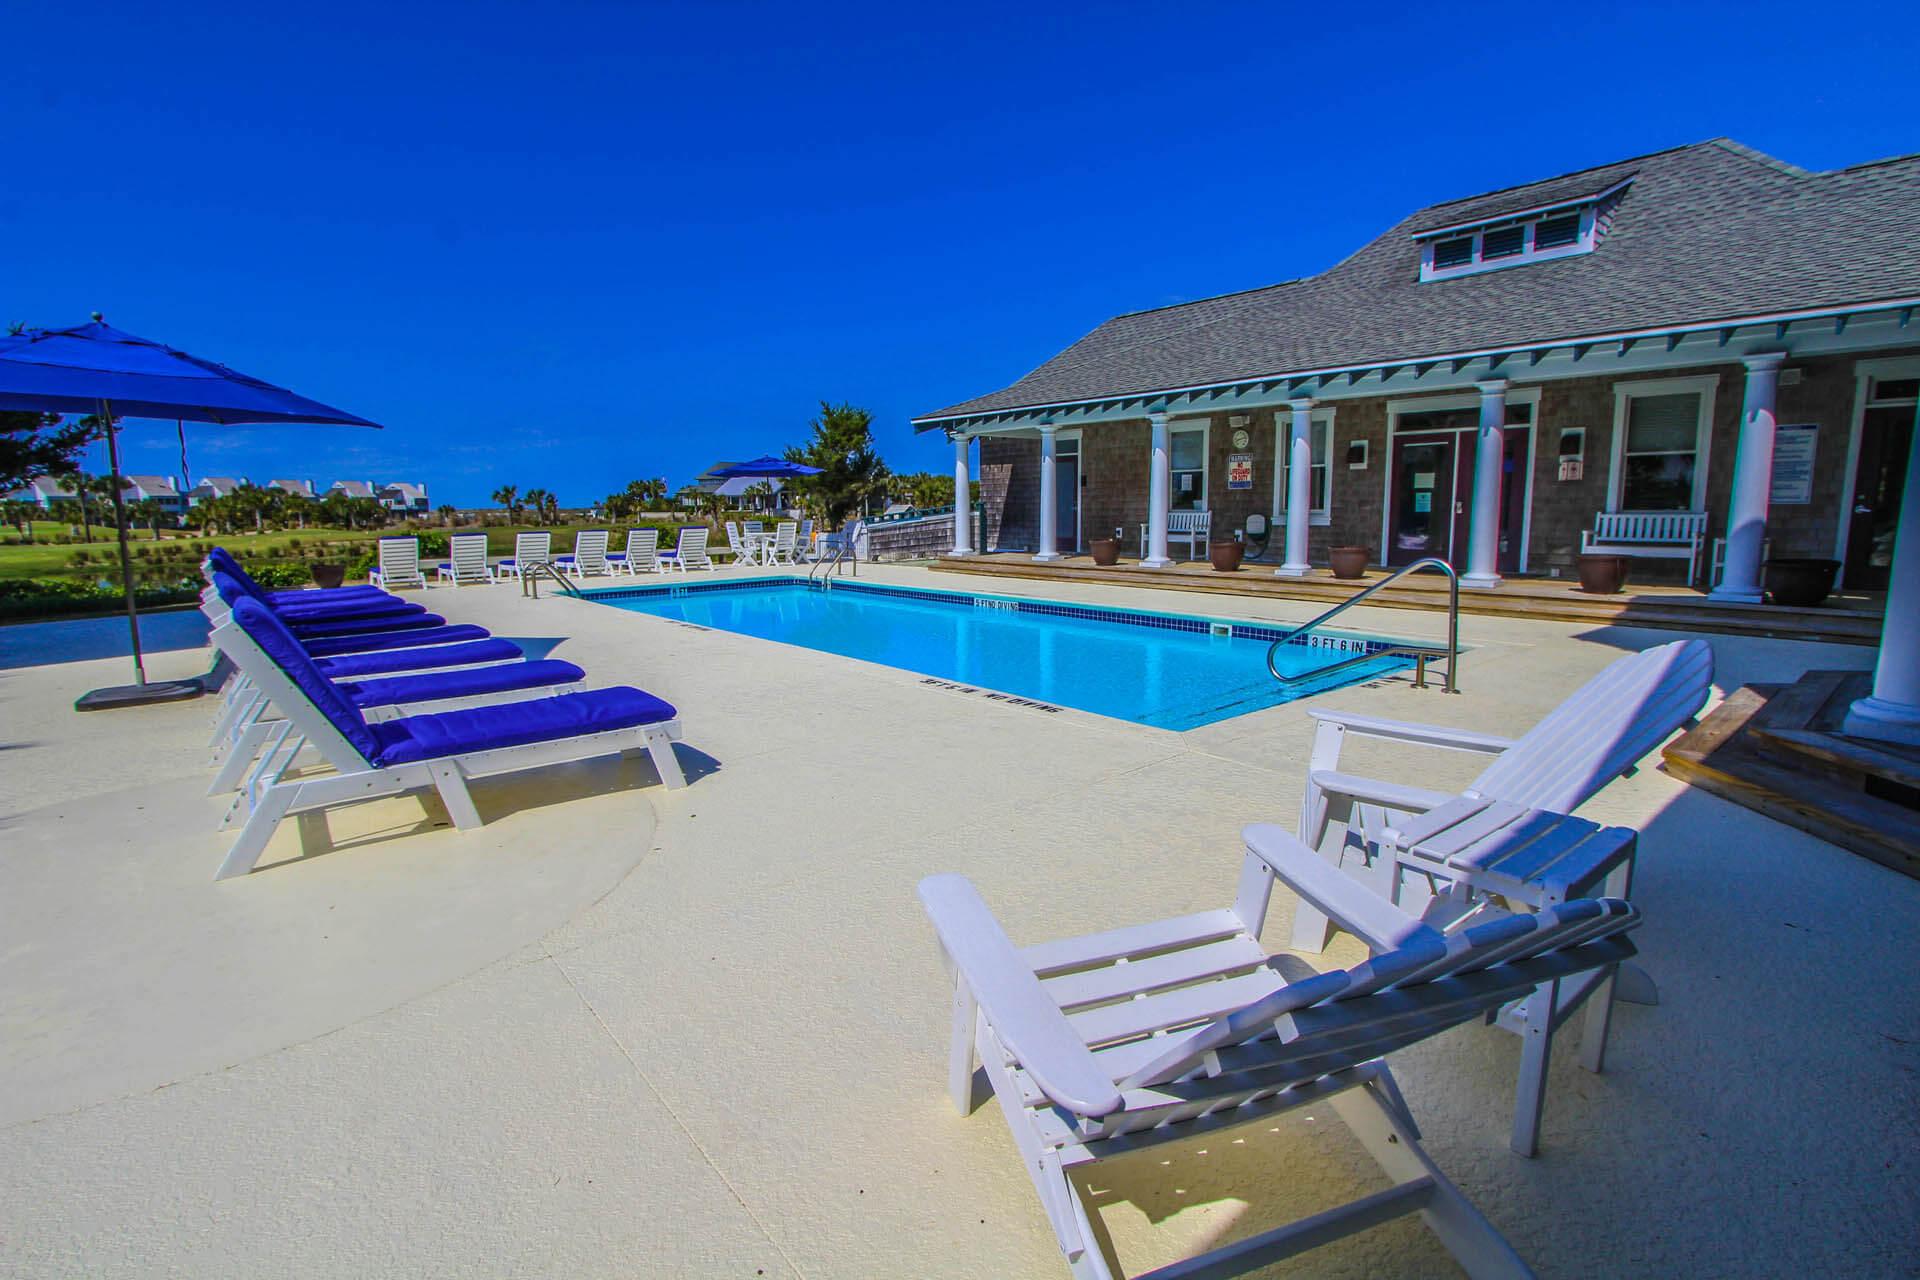 The Hammocks Bald Head Island Pool